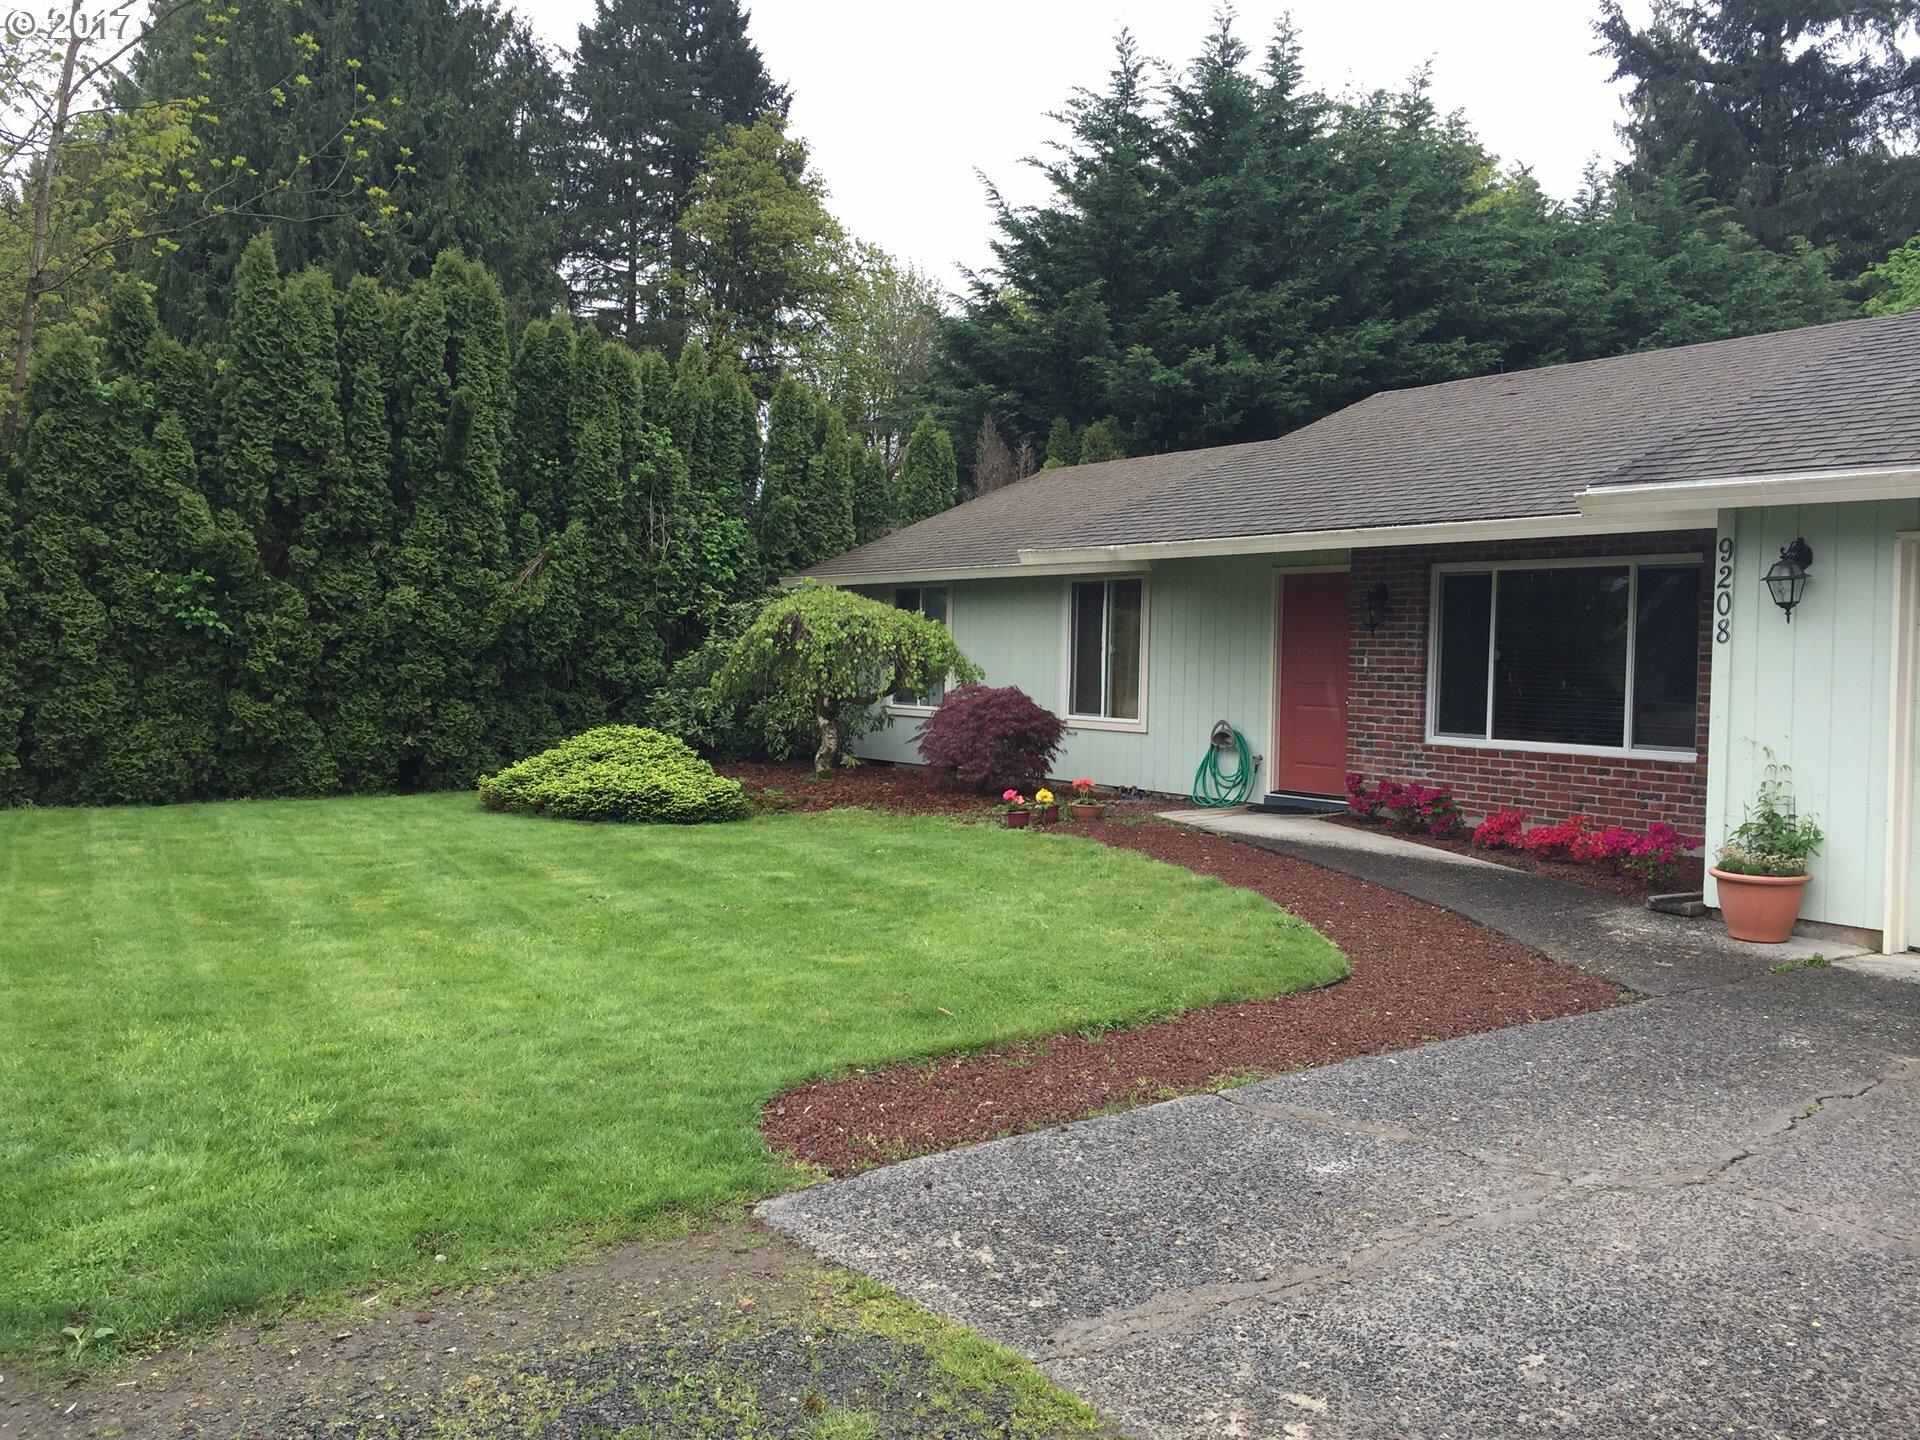 9208 Ne 107th Ave, Vancouver, WA - USA (photo 2)